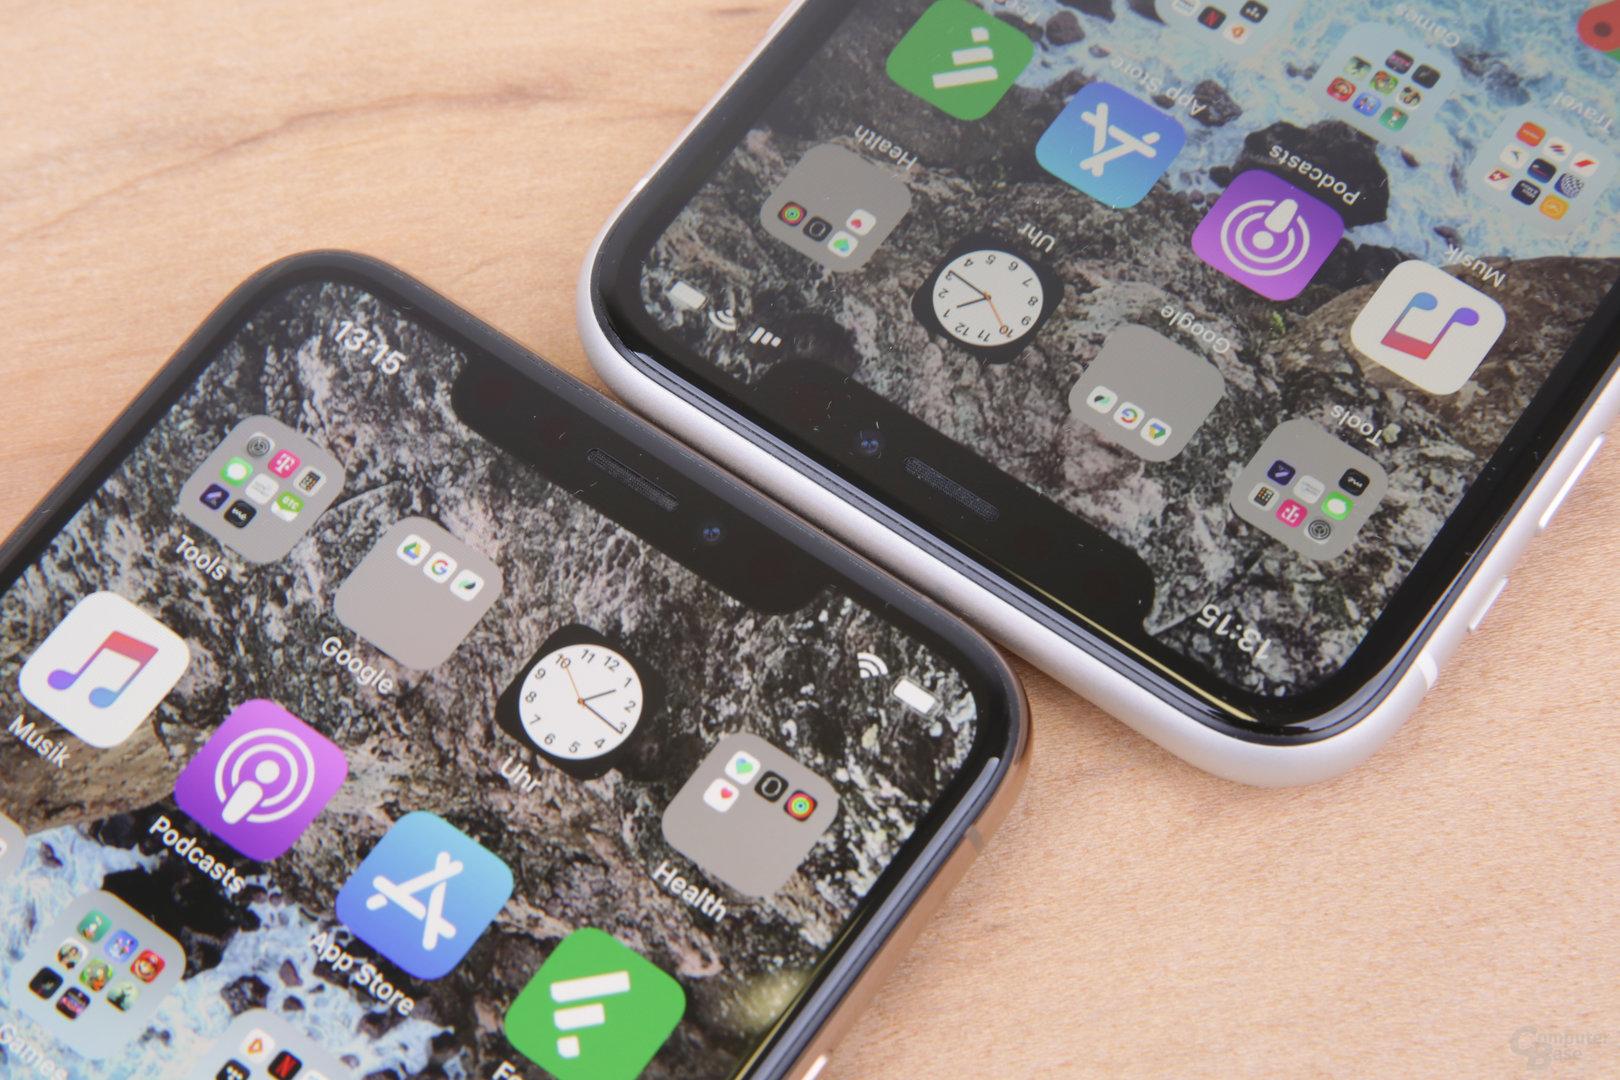 Notch für Face ID beim iPhone Xr (oben)